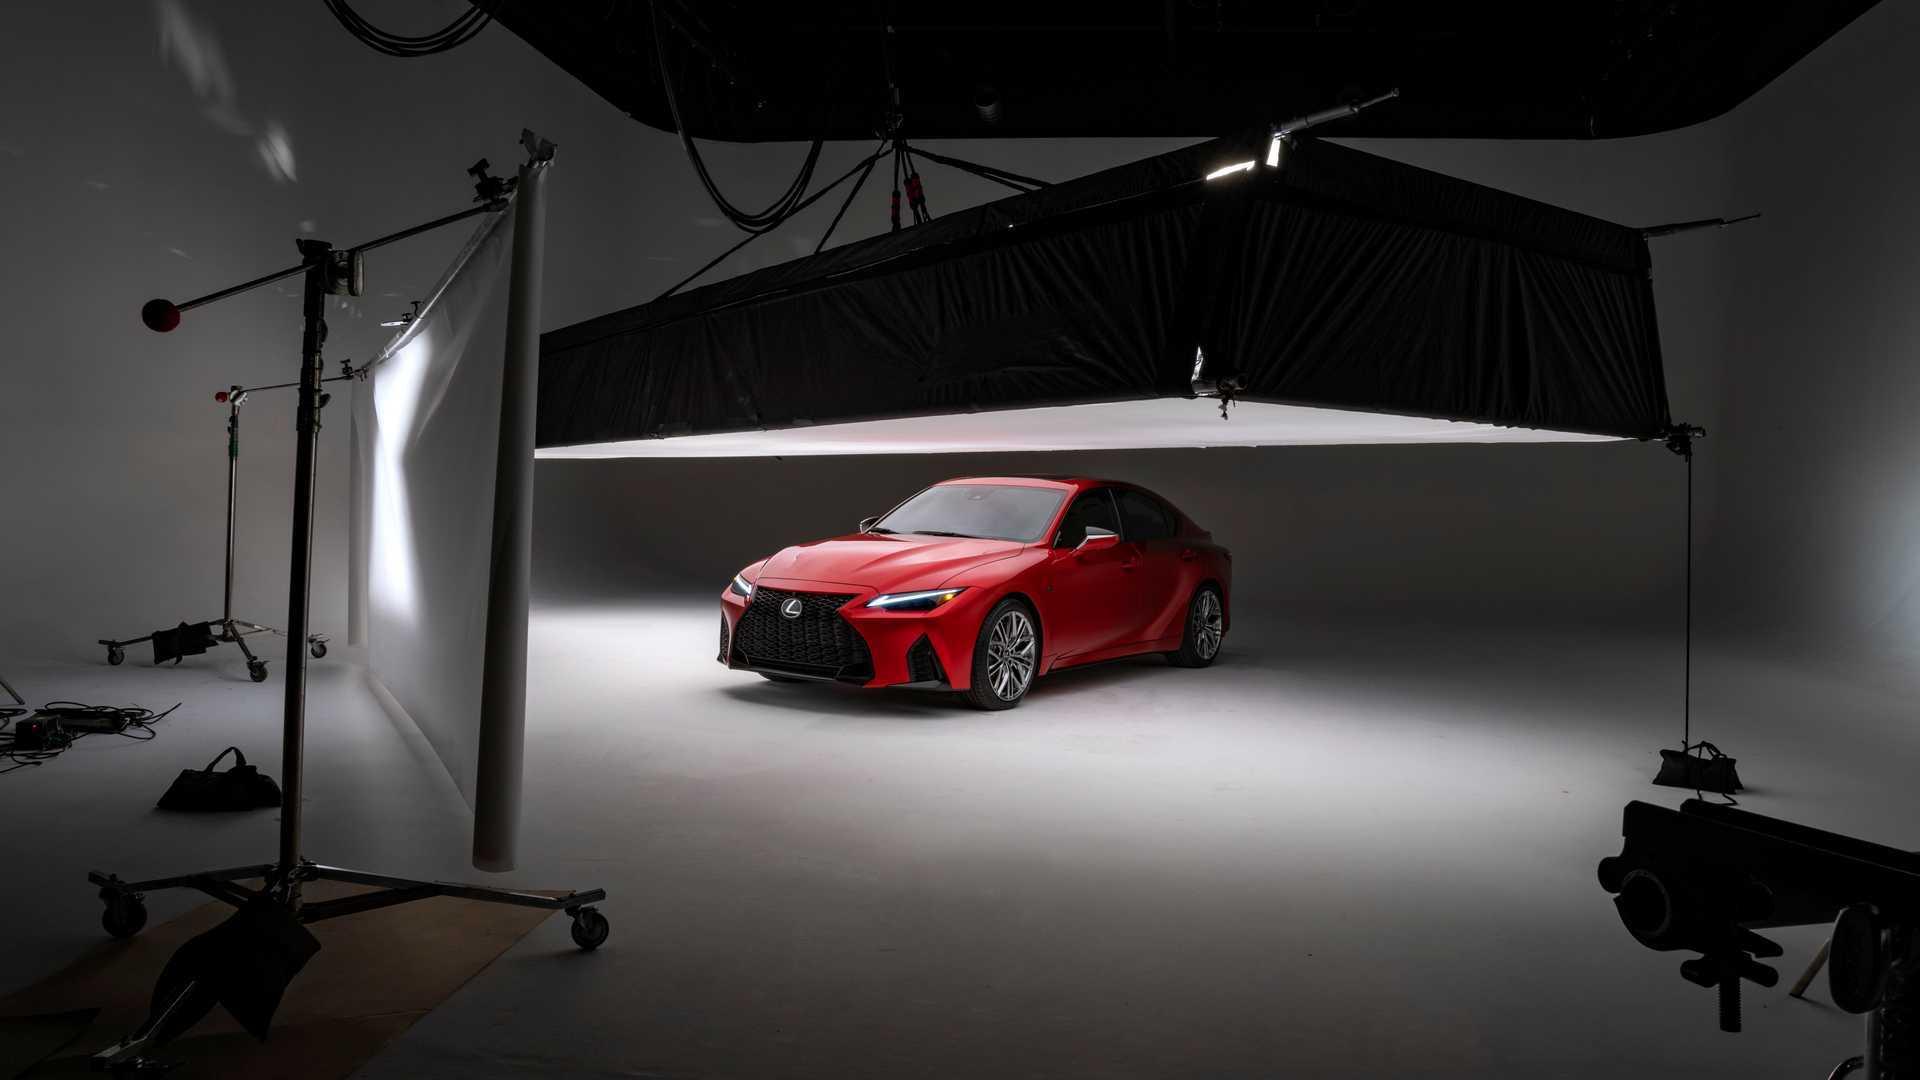 原装雷克萨斯IS高性能版,搭载5.0升V8自吸发动机,看起来真香